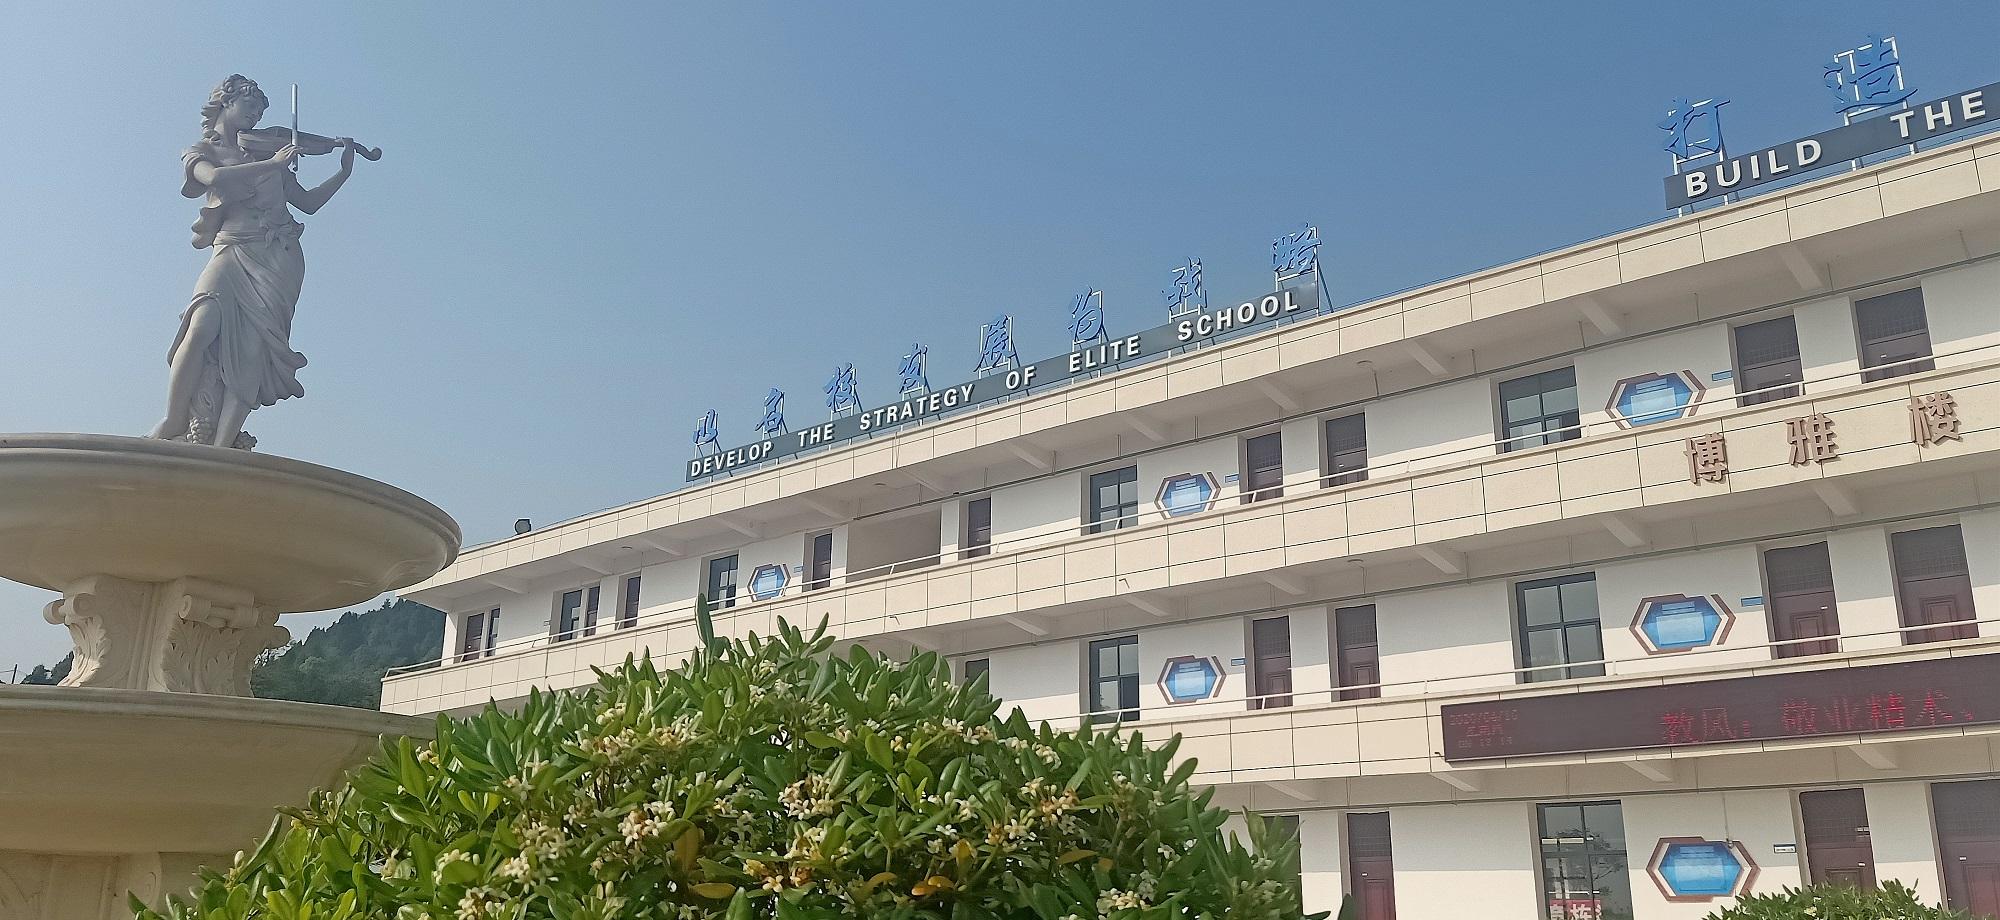 绵阳灵通学校:深化职教改革20条,抓住职教发展新机遇